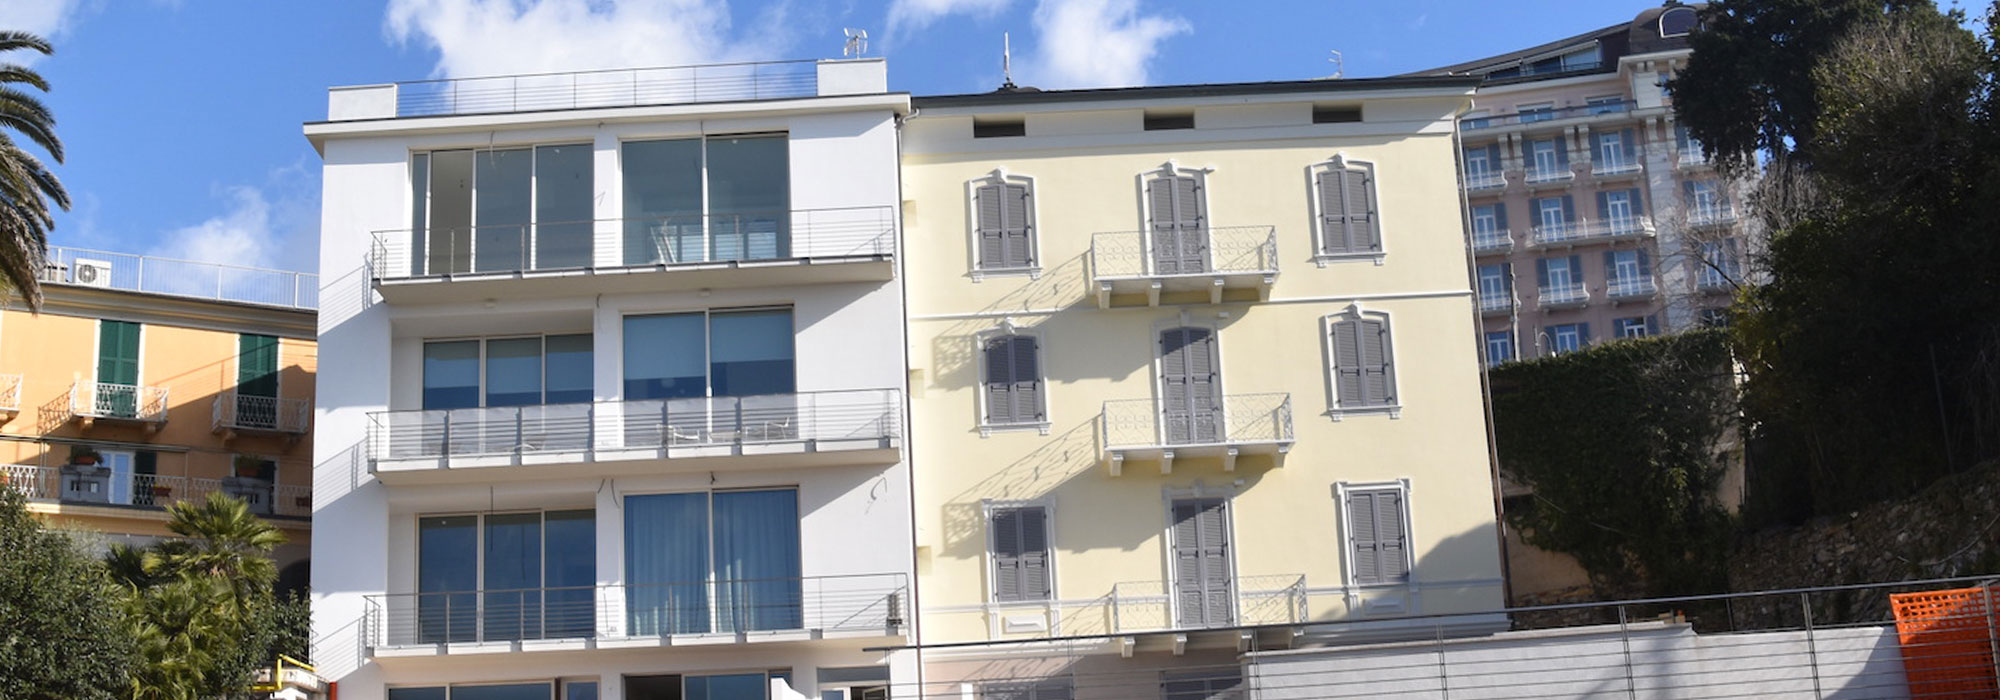 Zoagli Appartamento Nuovo